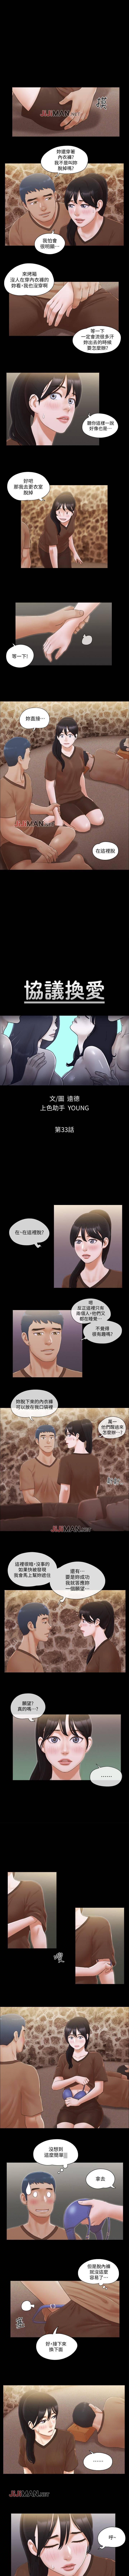 【周五连载】协议换爱(作者:遠德) 第1~57话 139